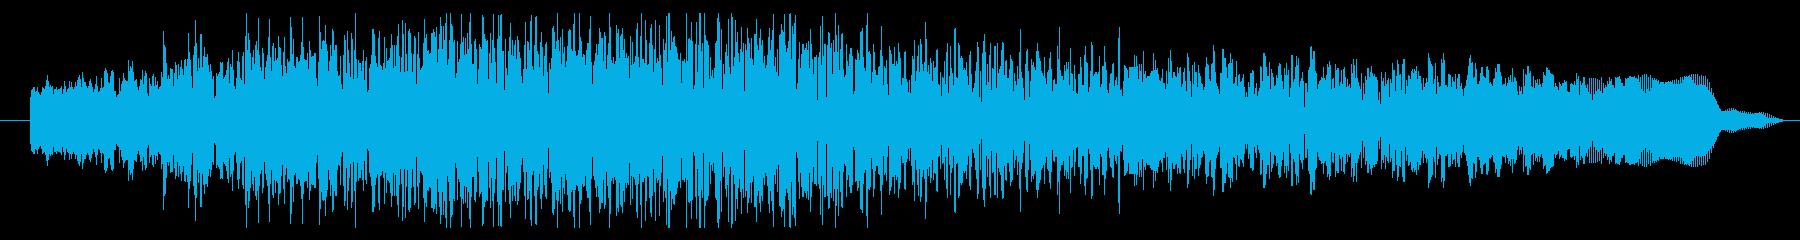 FI スペースシップ フライバイス...の再生済みの波形